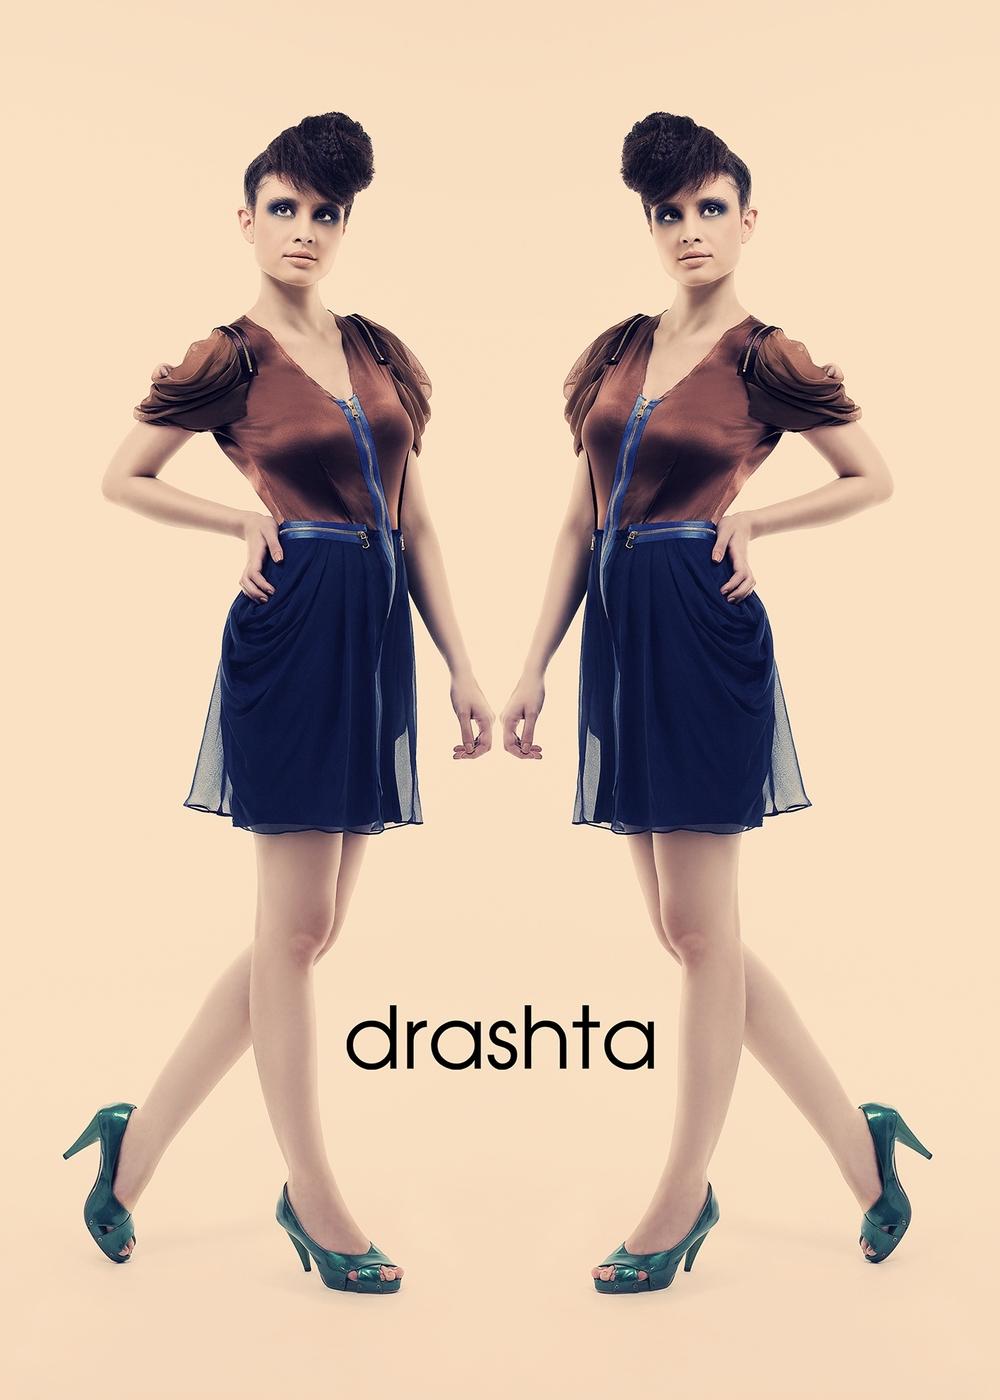 DRASHTA